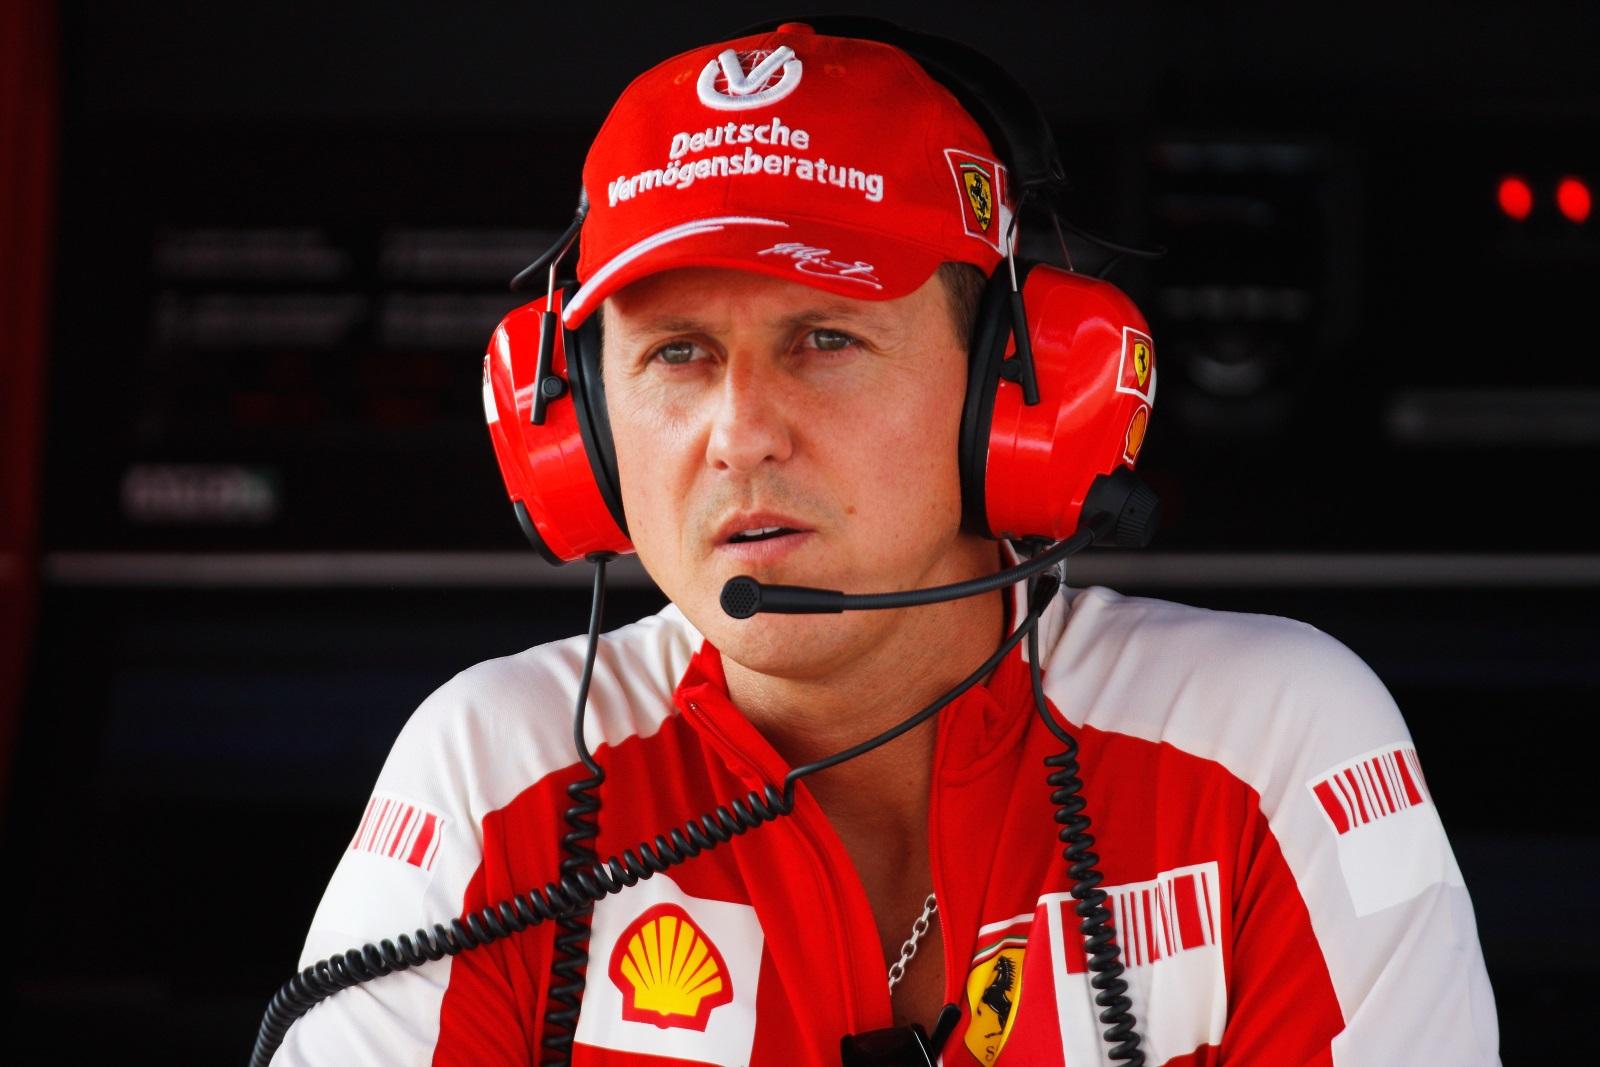 1. Кариерата на Шумахер започва през 1991 г., през 2012 г. той окончателно напуска Формула 1.Последният му старт е в Гран При на Бразилия, където завършва седми. В общото класиране на пилотите за 2012 г. е на 13-та позиция.